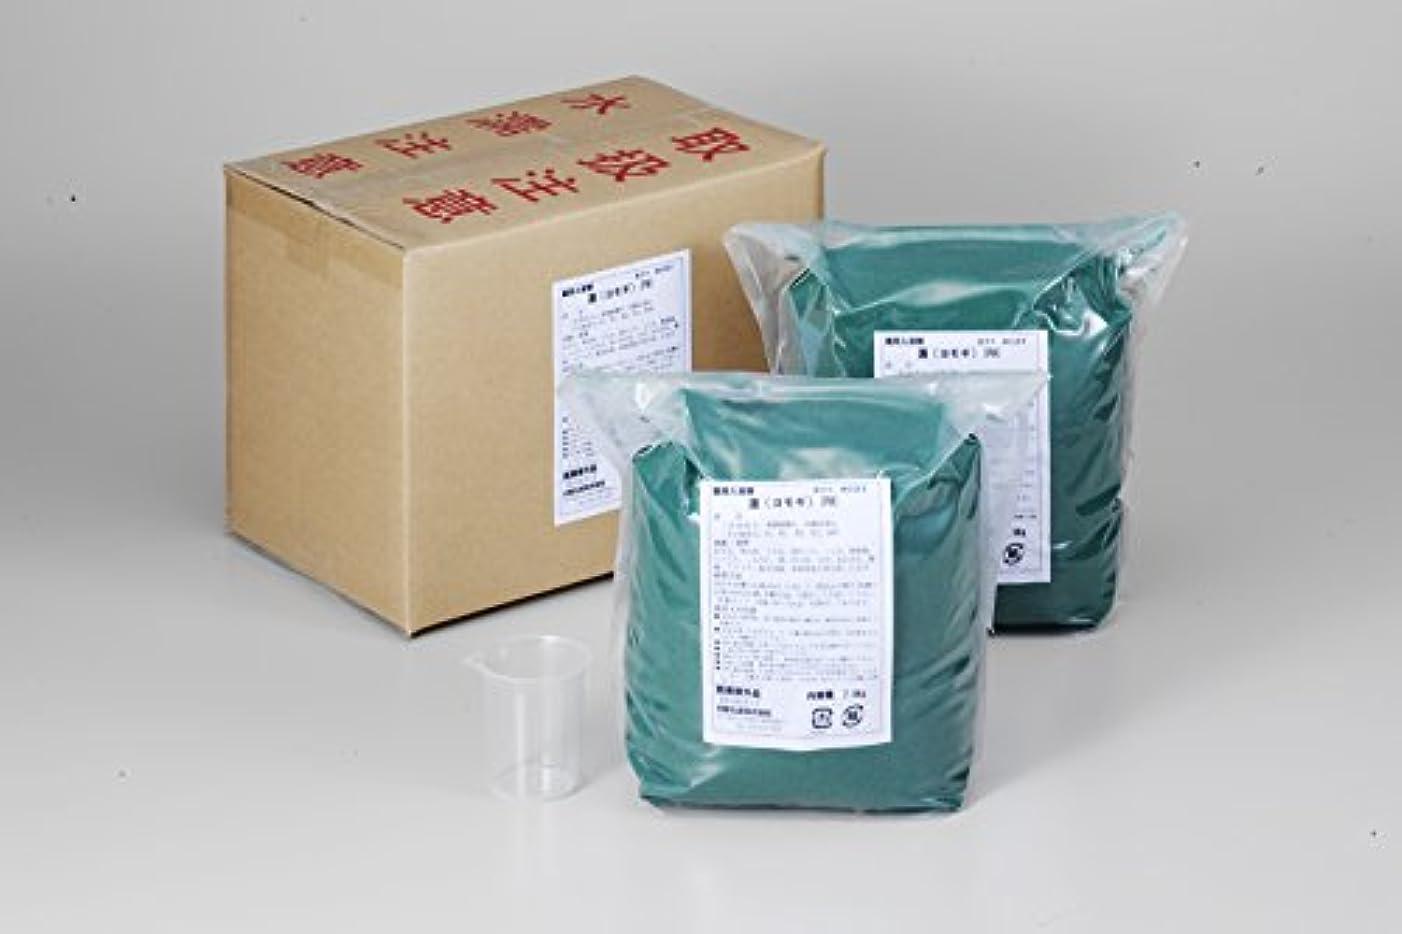 更新する成功した印象的な業務用入浴剤「ヨモギ」15kg(7.5kg×2)